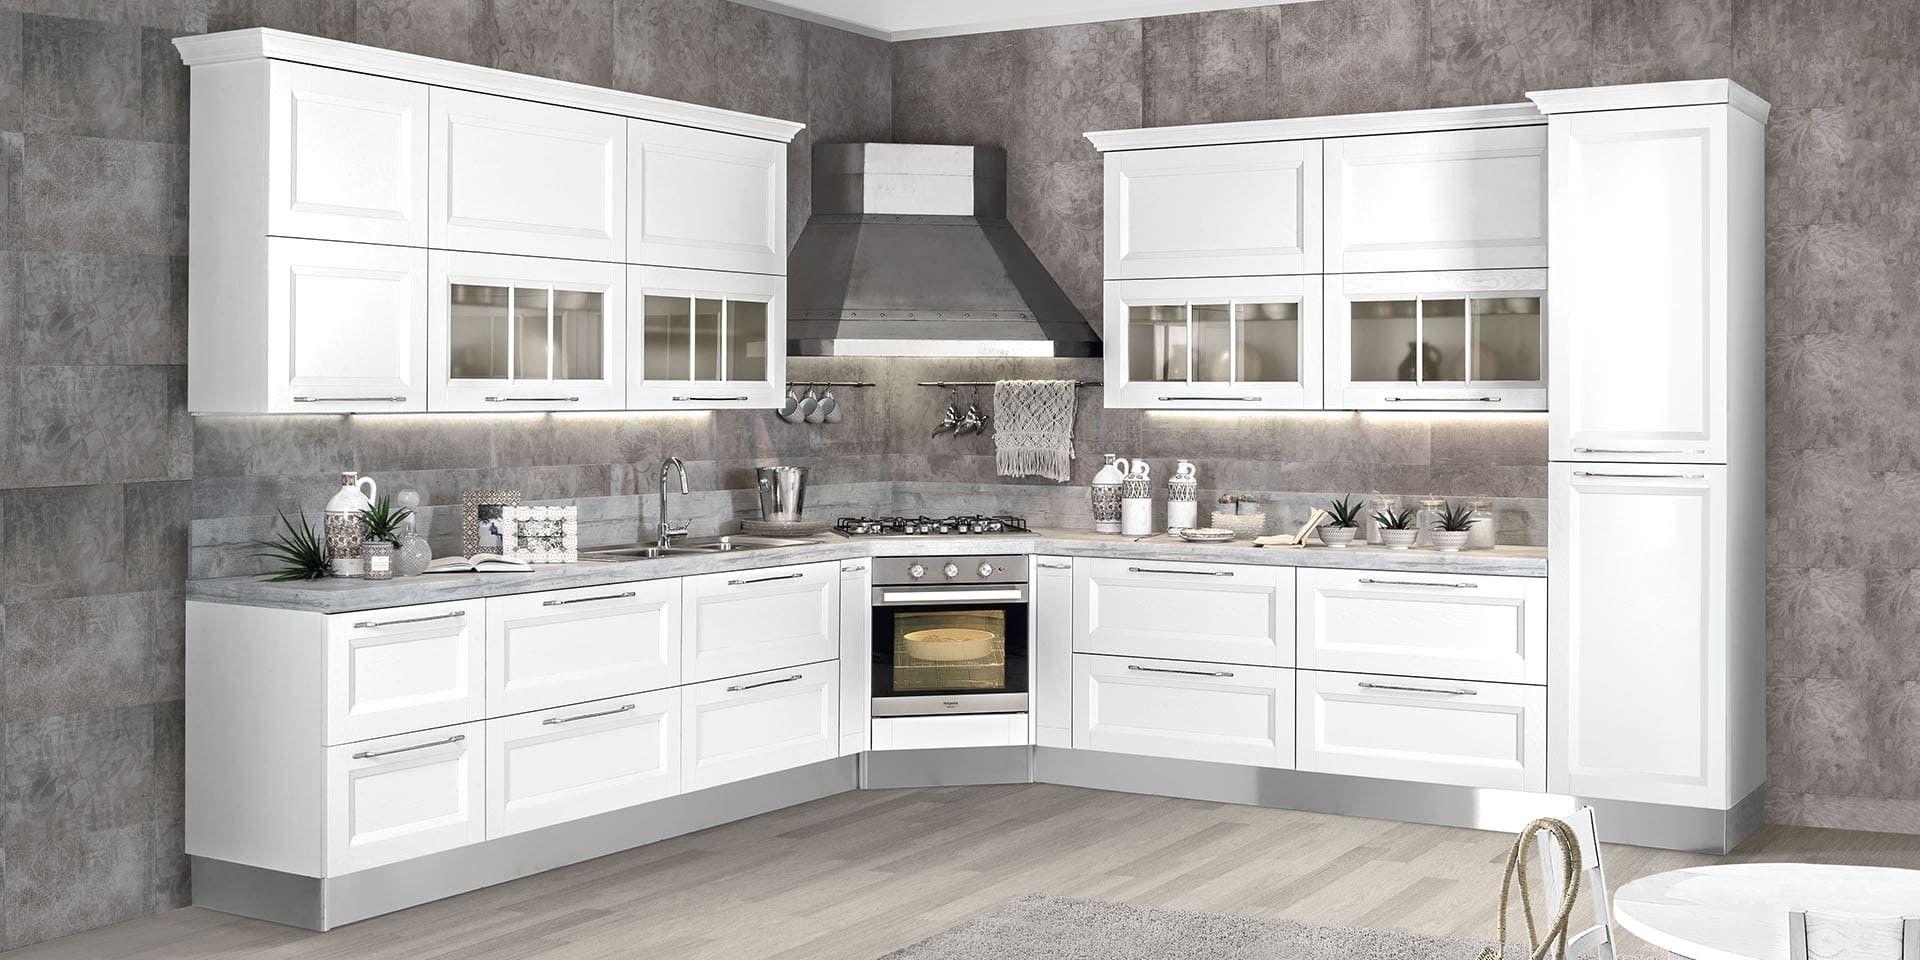 Cucine Mondo Convenienza Elettrodomestici cucine mondo convenienza avec cucine head medium10a et